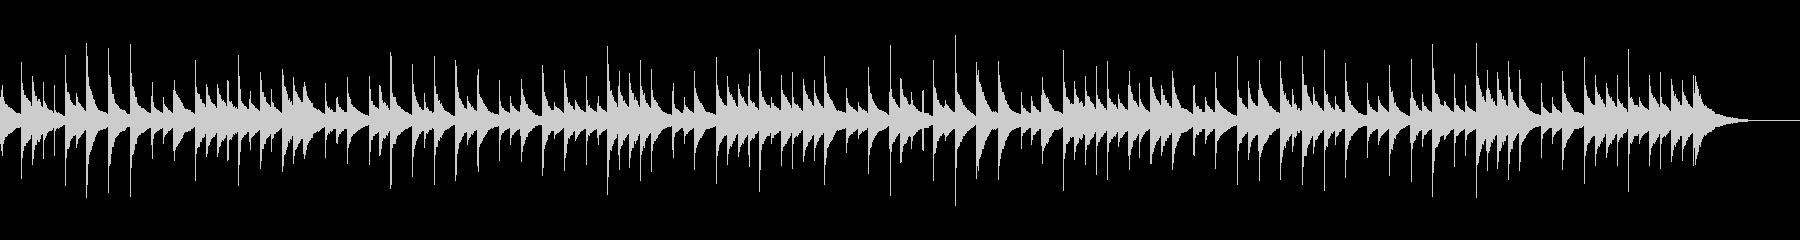 【童謡オルゴール】大きな栗の木の下での未再生の波形